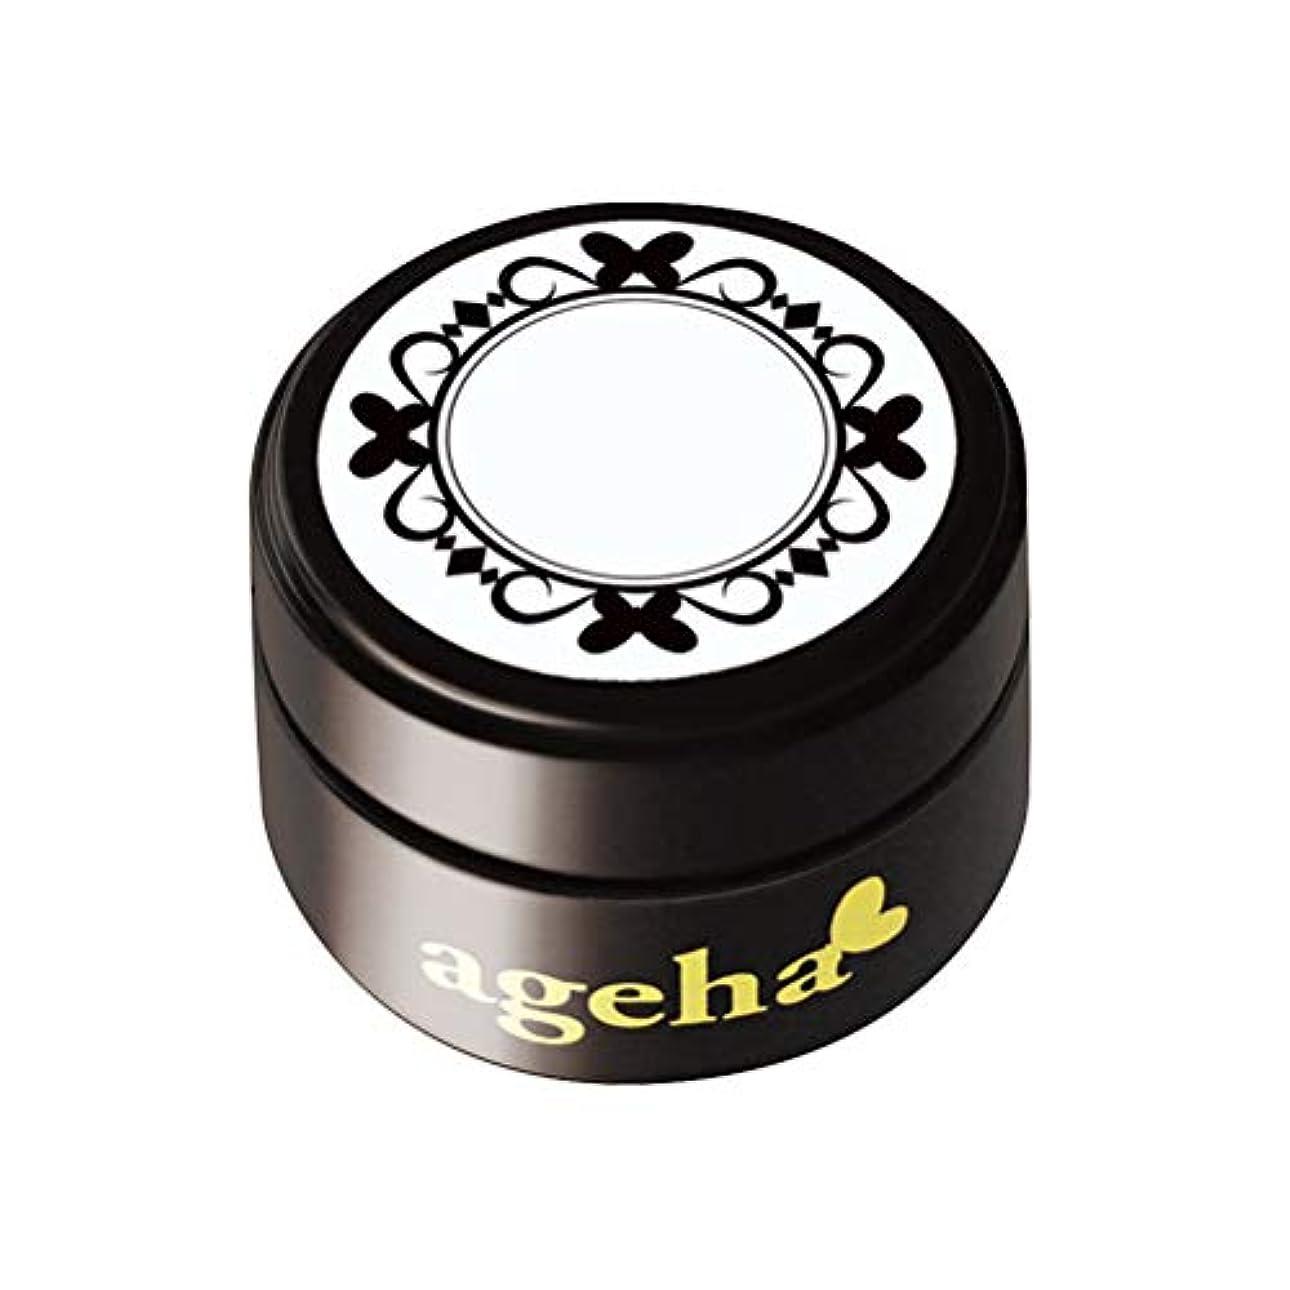 行政ロケット子豚ageha コスメカラー 420 ルミナスブラウン 2.7g UV/LED対応